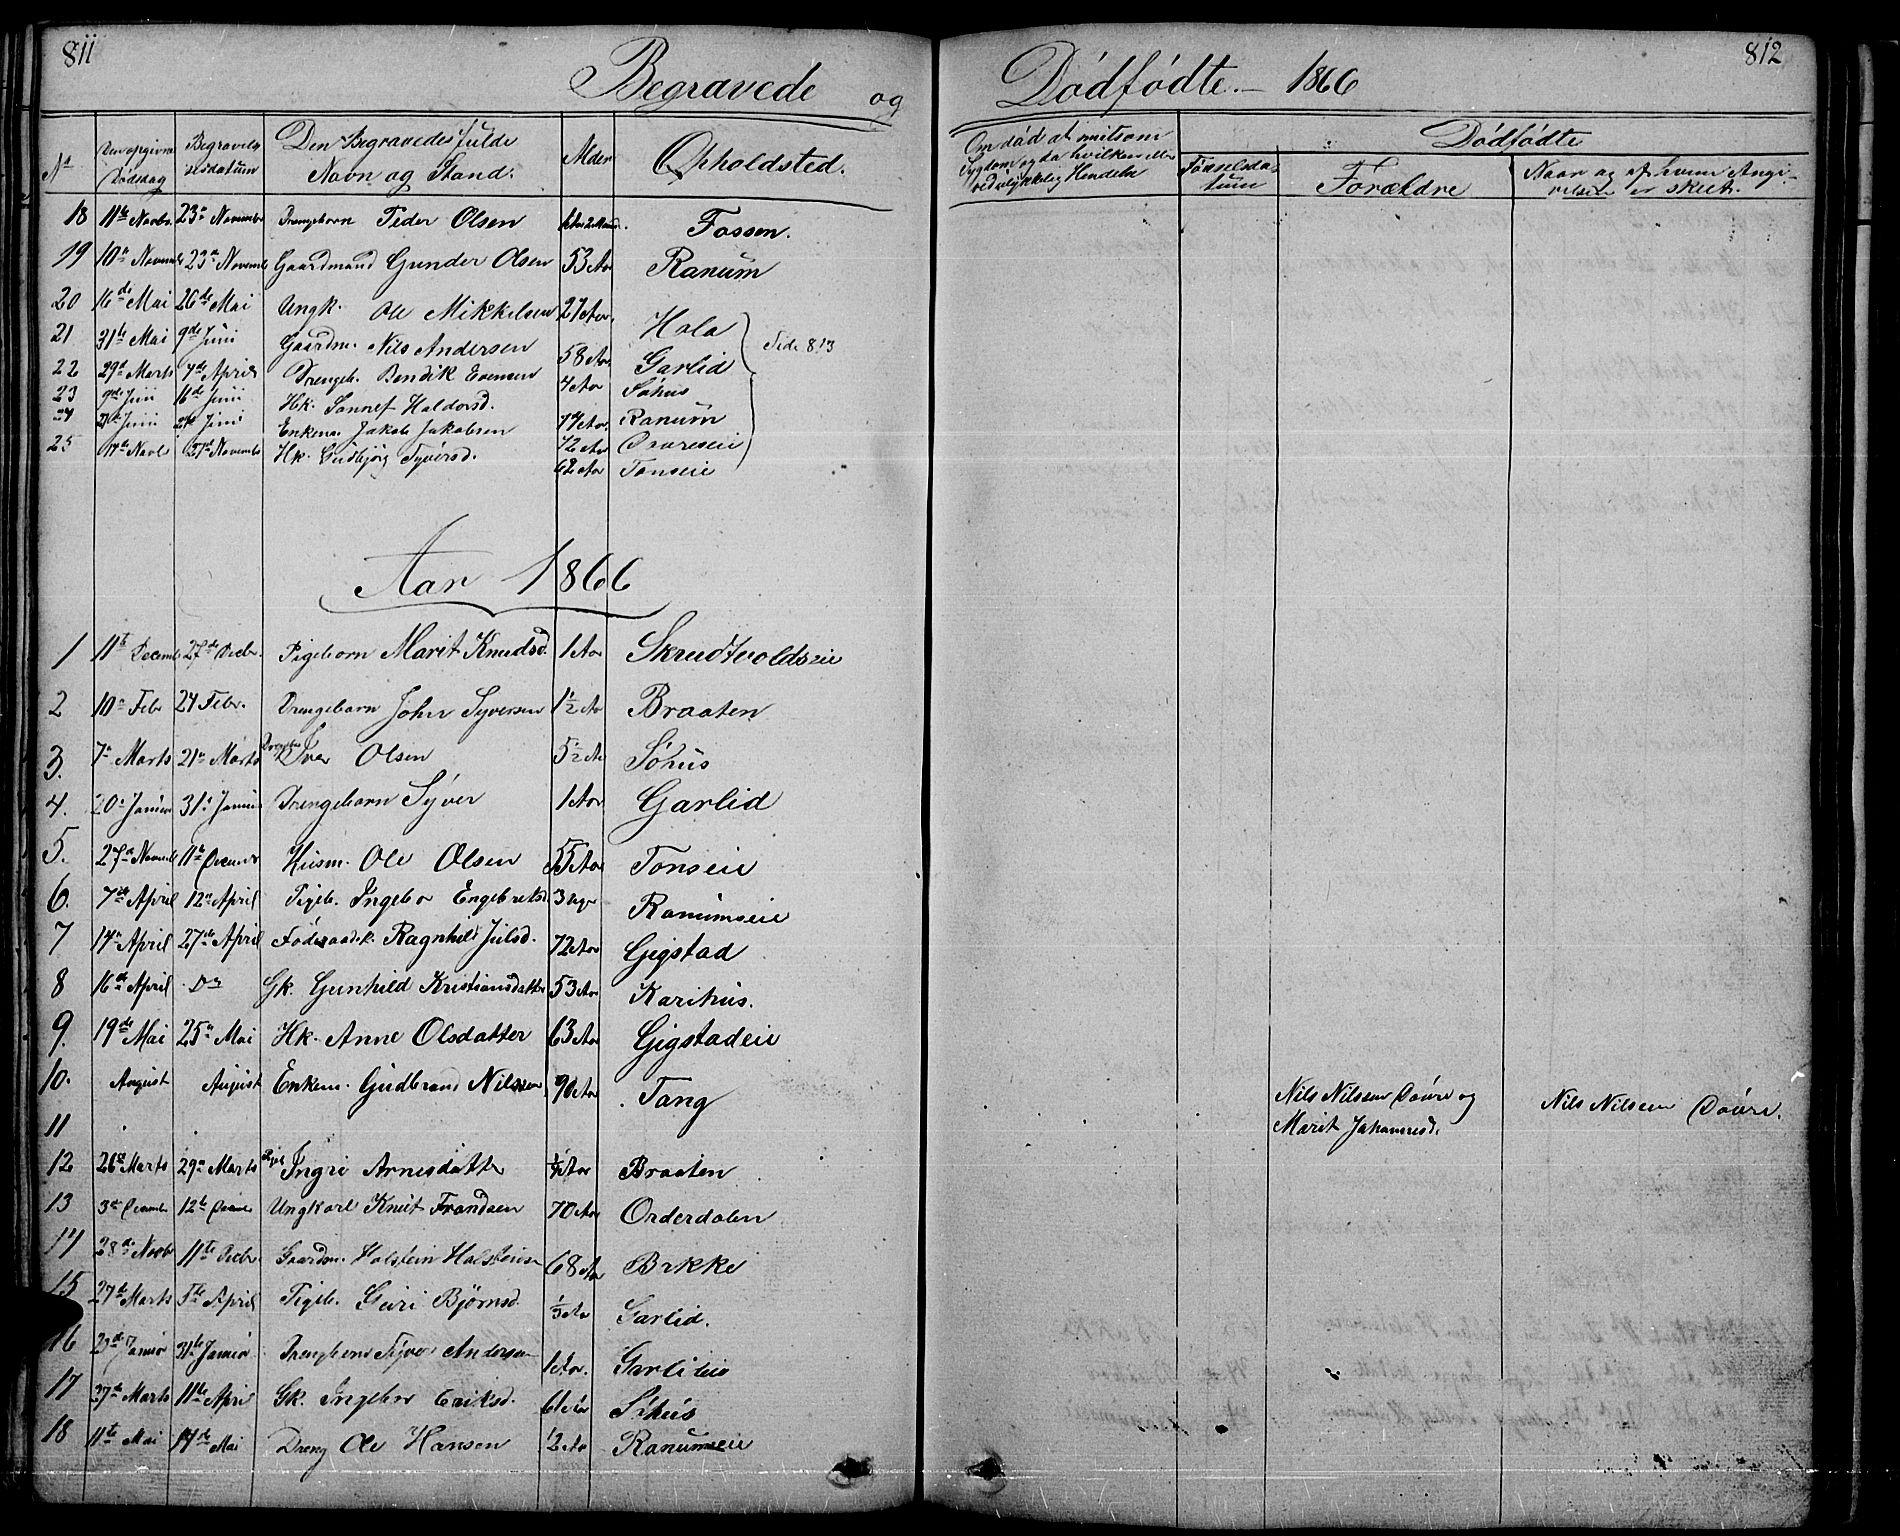 SAH, Nord-Aurdal prestekontor, Klokkerbok nr. 1, 1834-1887, s. 811-812